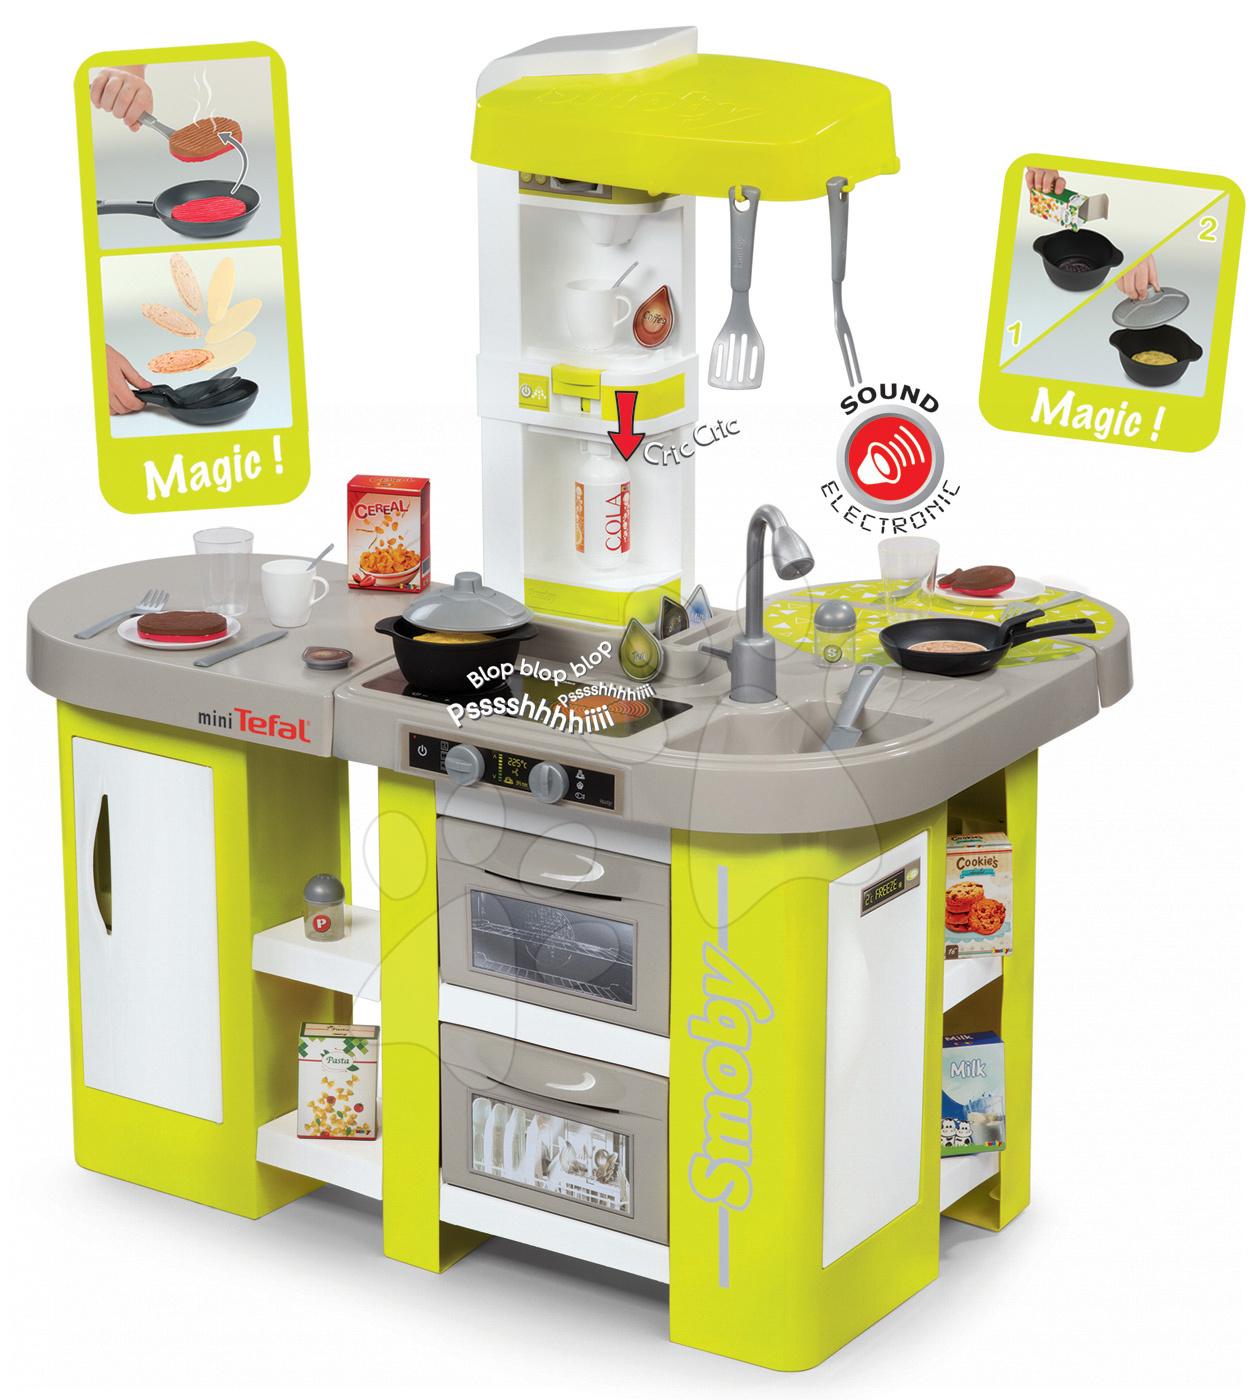 Kuchyňka Tefal Studio XL elektronická Smoby s magickou těstovinou, kolou, kávovarem, 36 doplňky zelená